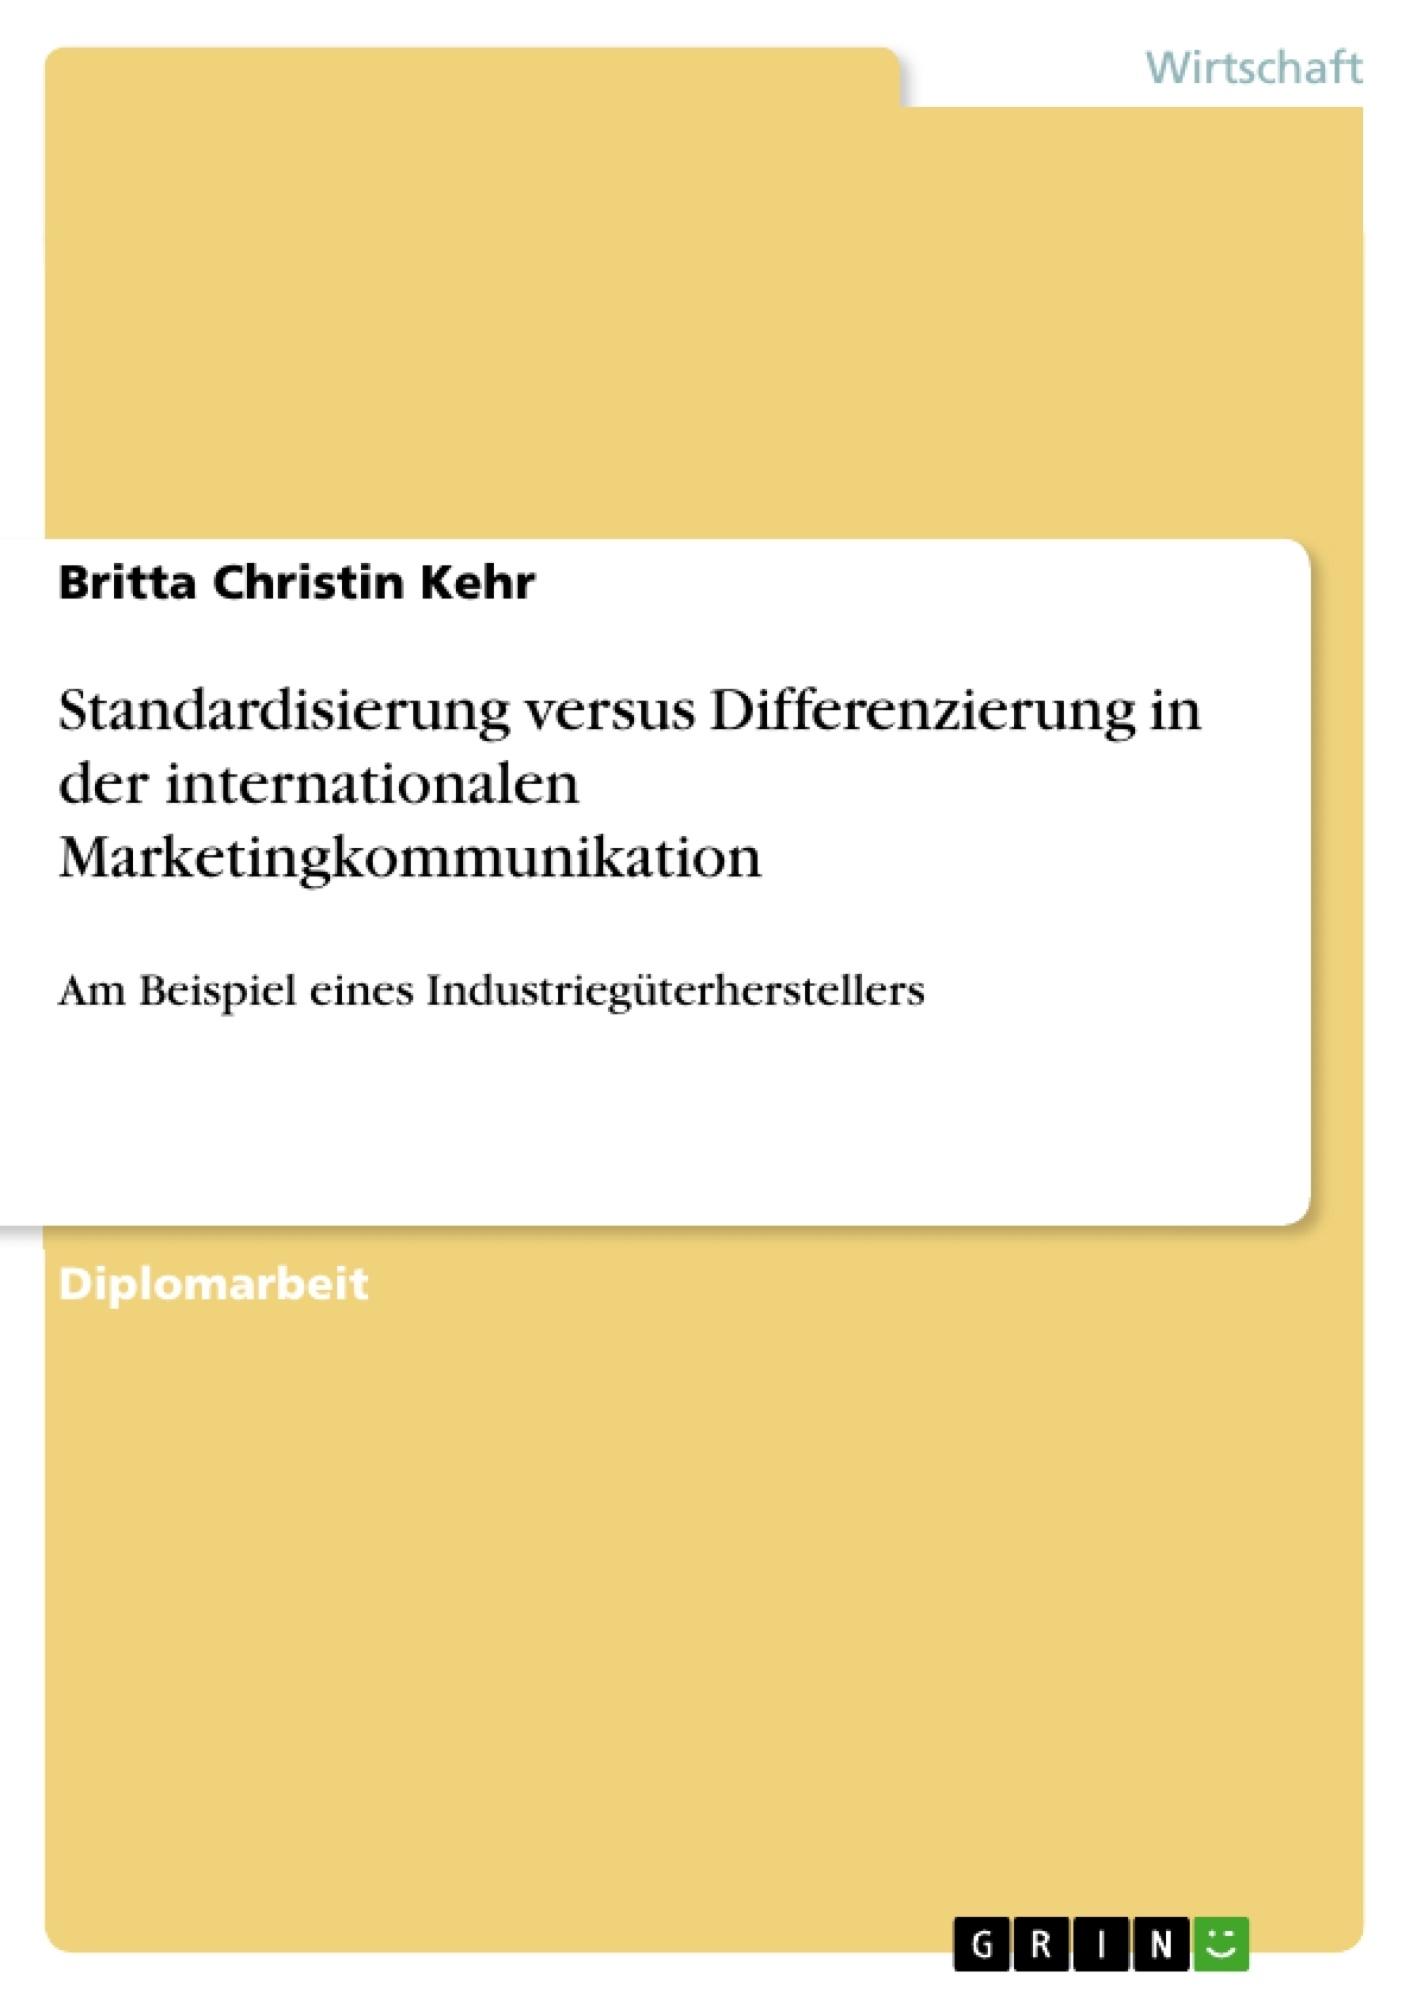 Titel: Standardisierung versus Differenzierung in der internationalen Marketingkommunikation